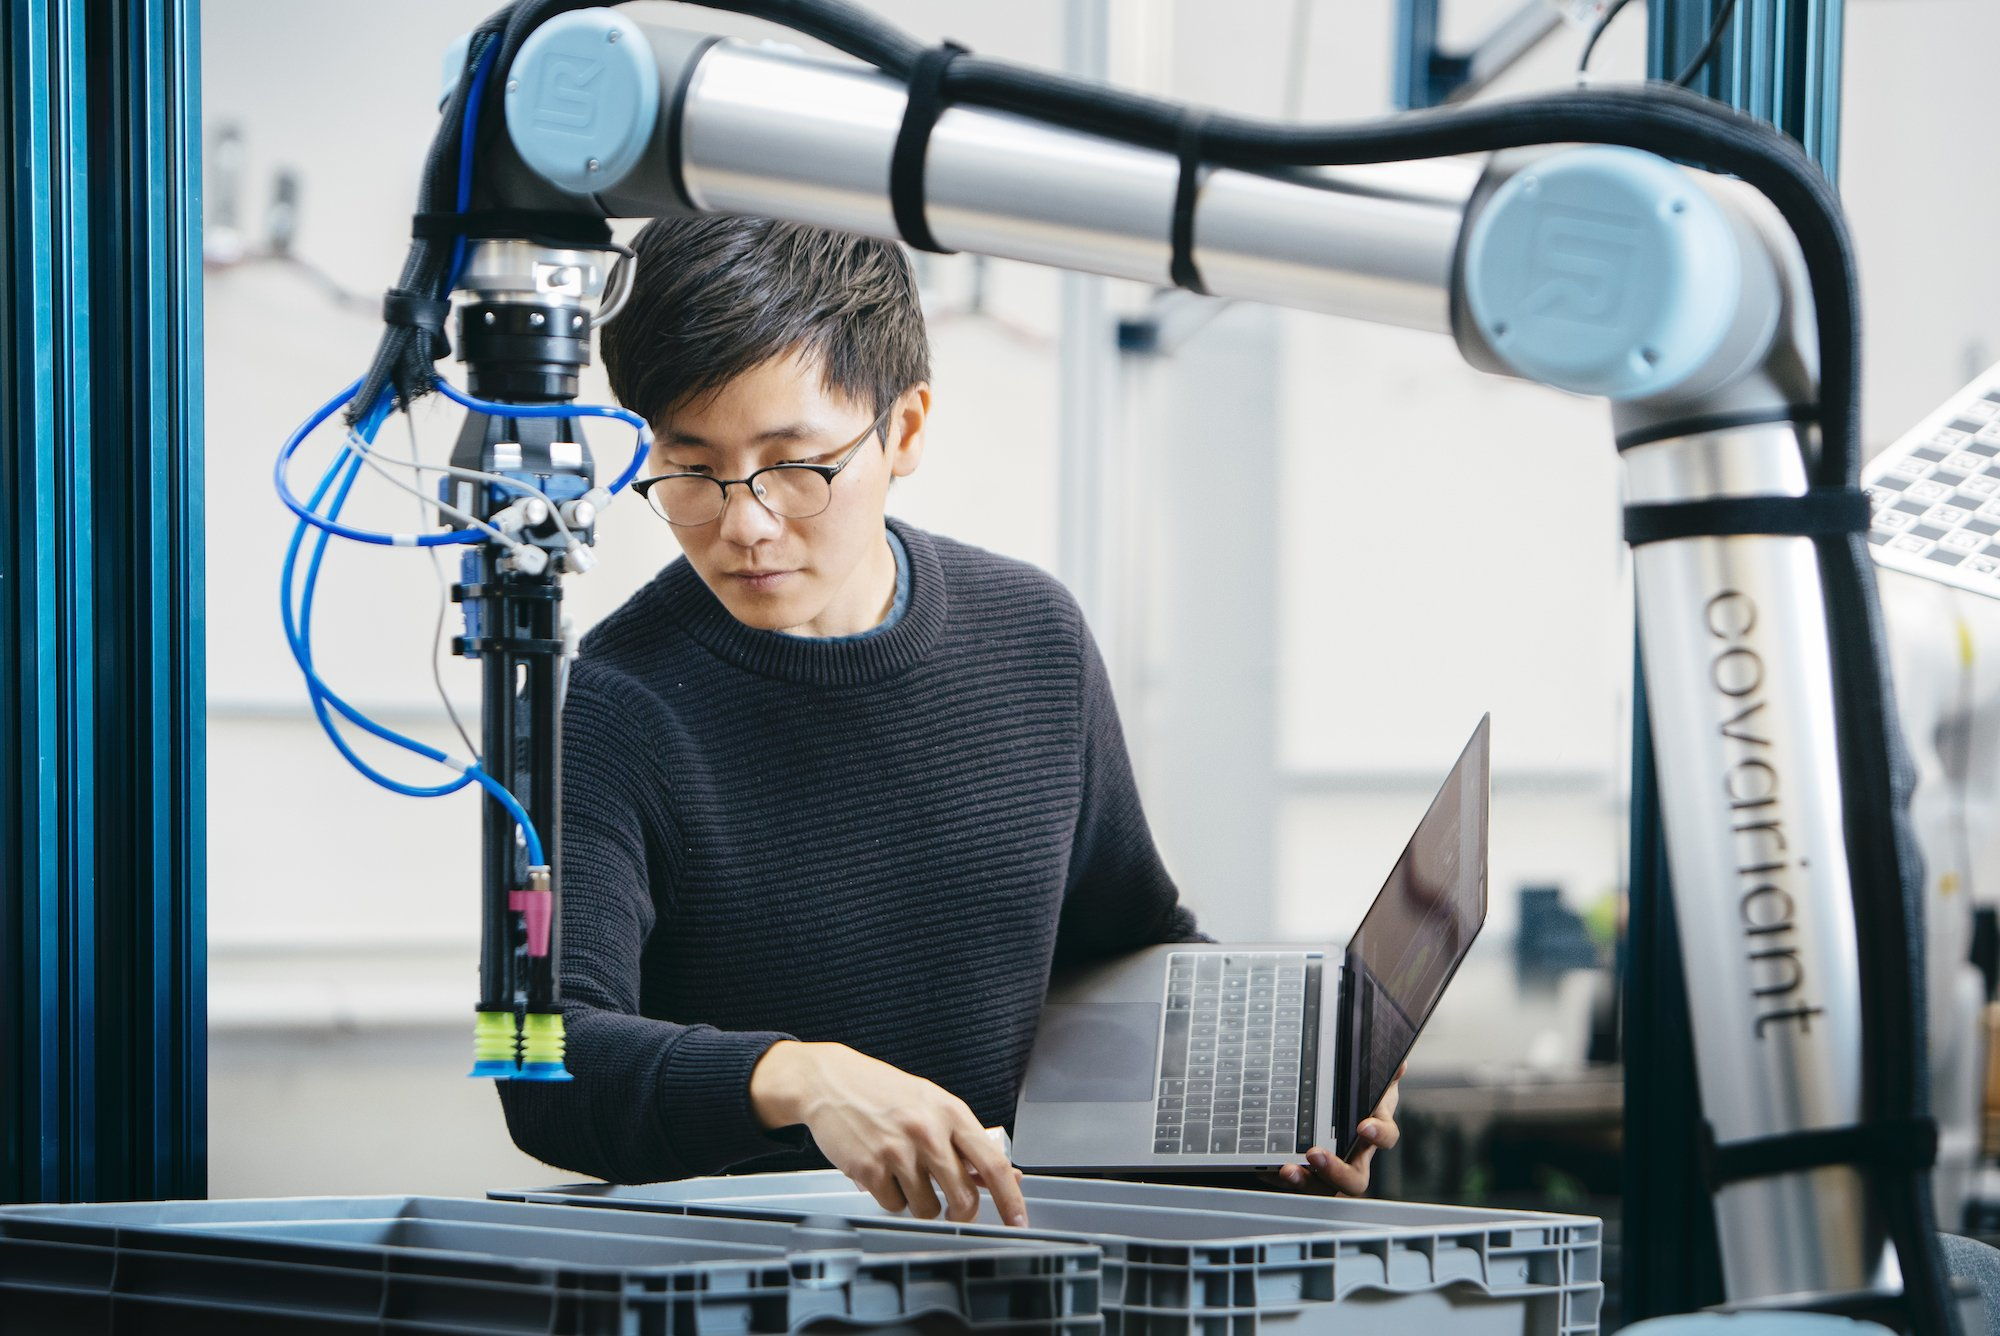 Складские роботы, использующие ИИ для сортировки предметов, готовы к работе - 2